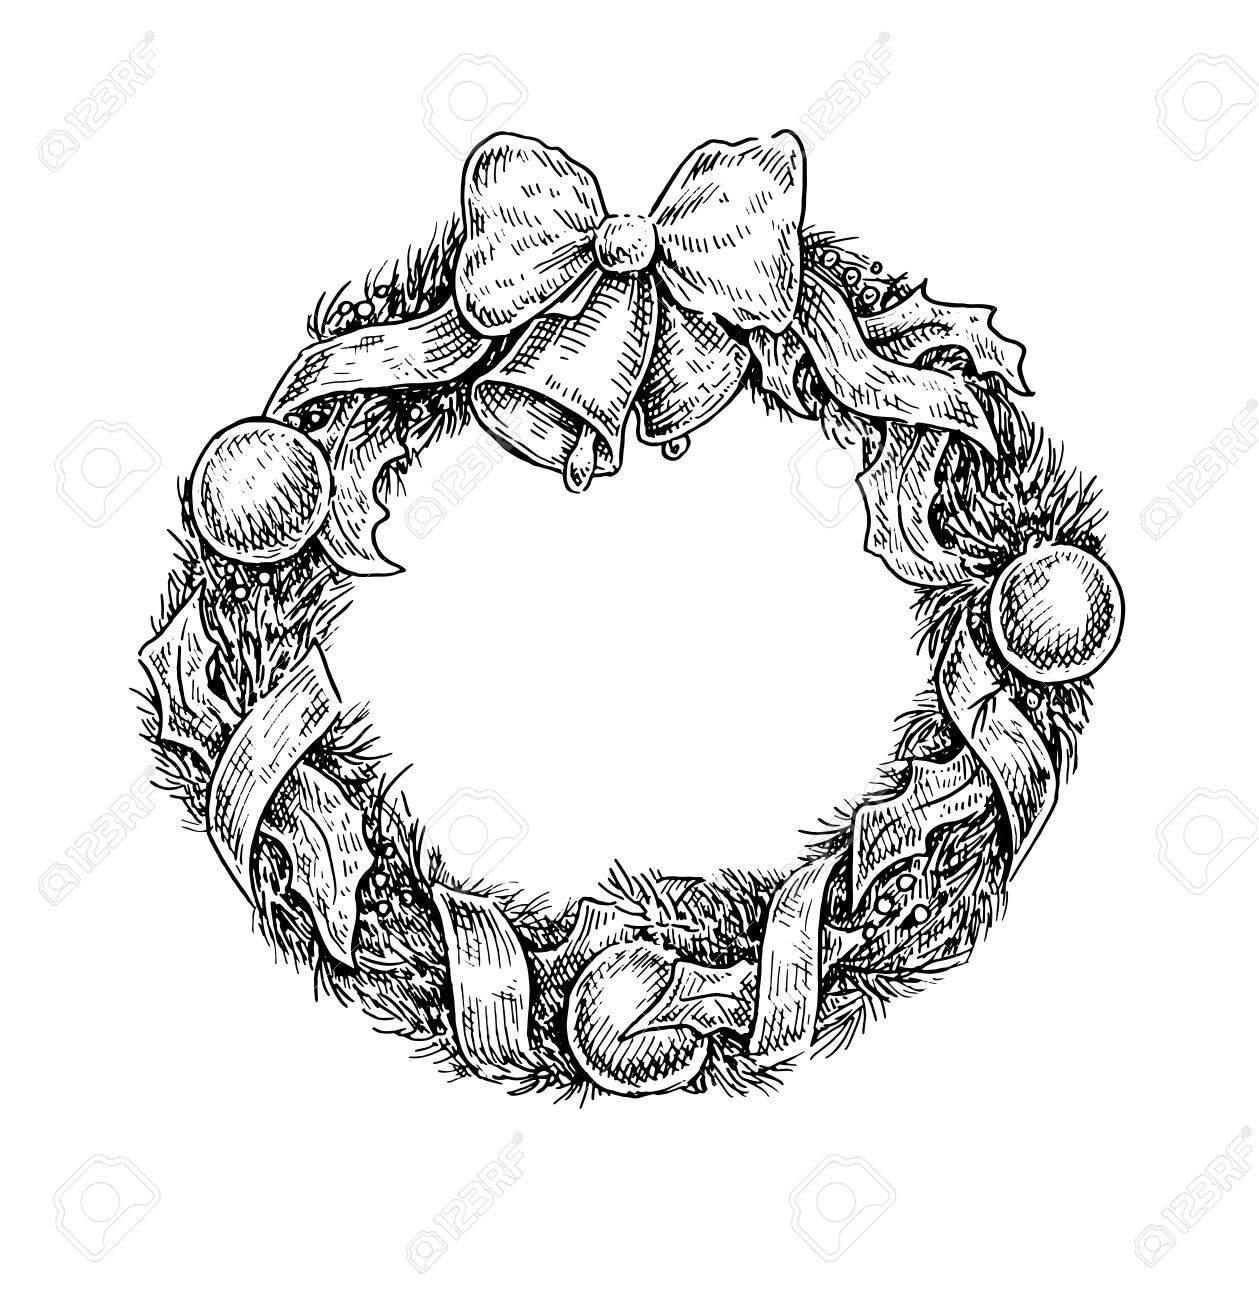 Blanco Y Negro Ilustración De La Vendimia Estilo Incompleto De Una Corona De Navidad Diseño Del Vector Ilustraciones Vectoriales Clip Art Vectorizado Libre De Derechos Image 51122974